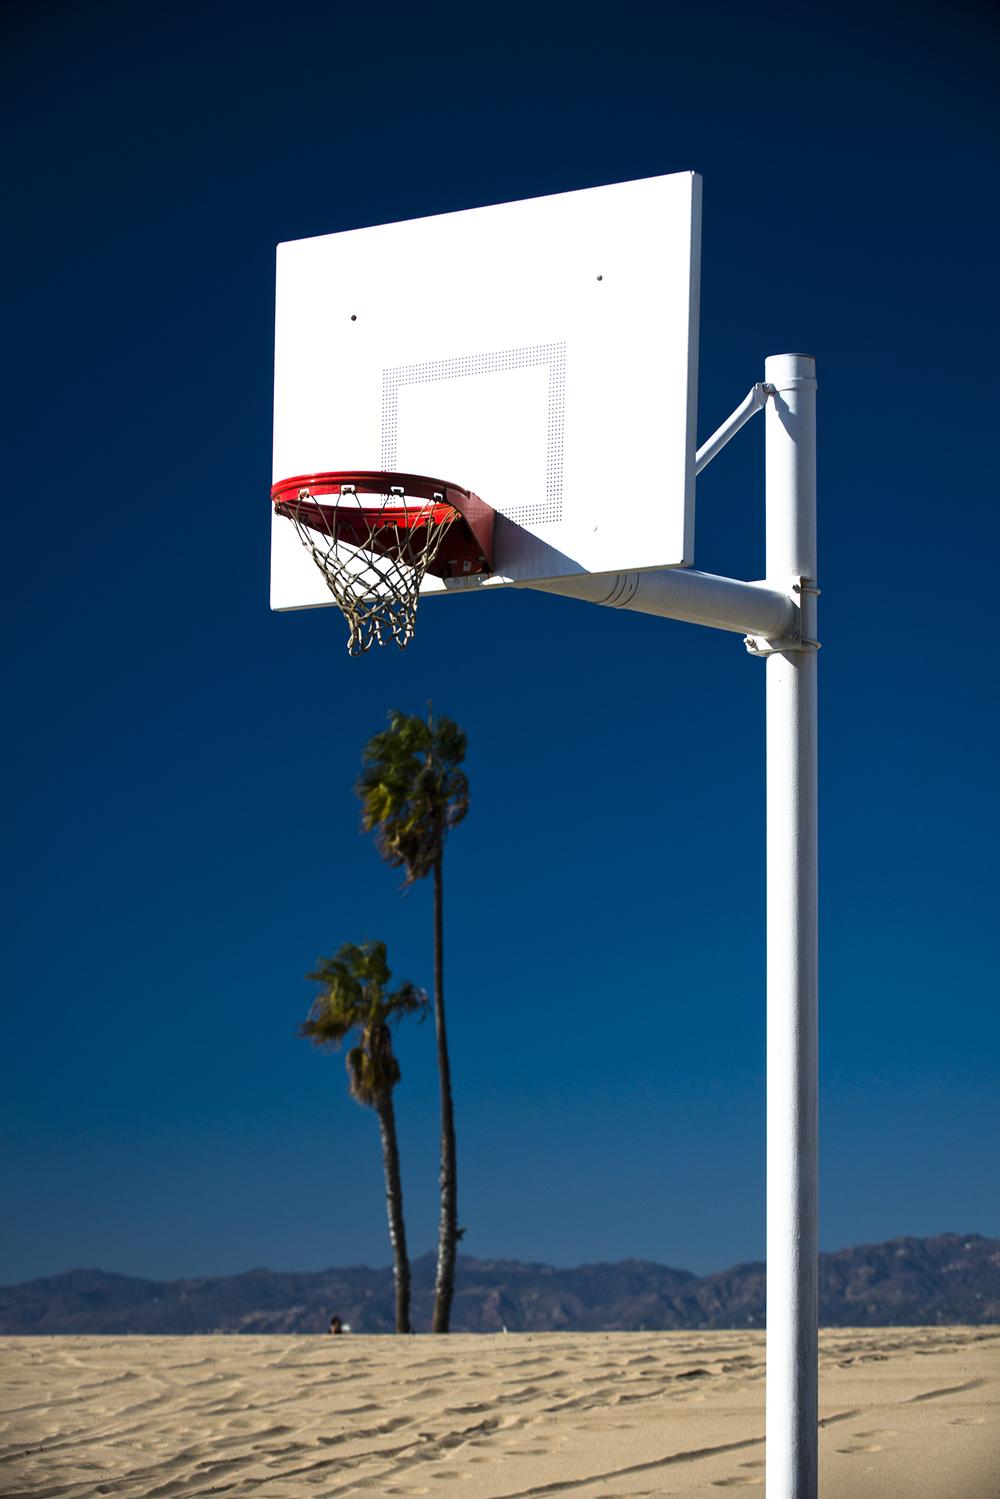 Basketballhoop-5041.jpg